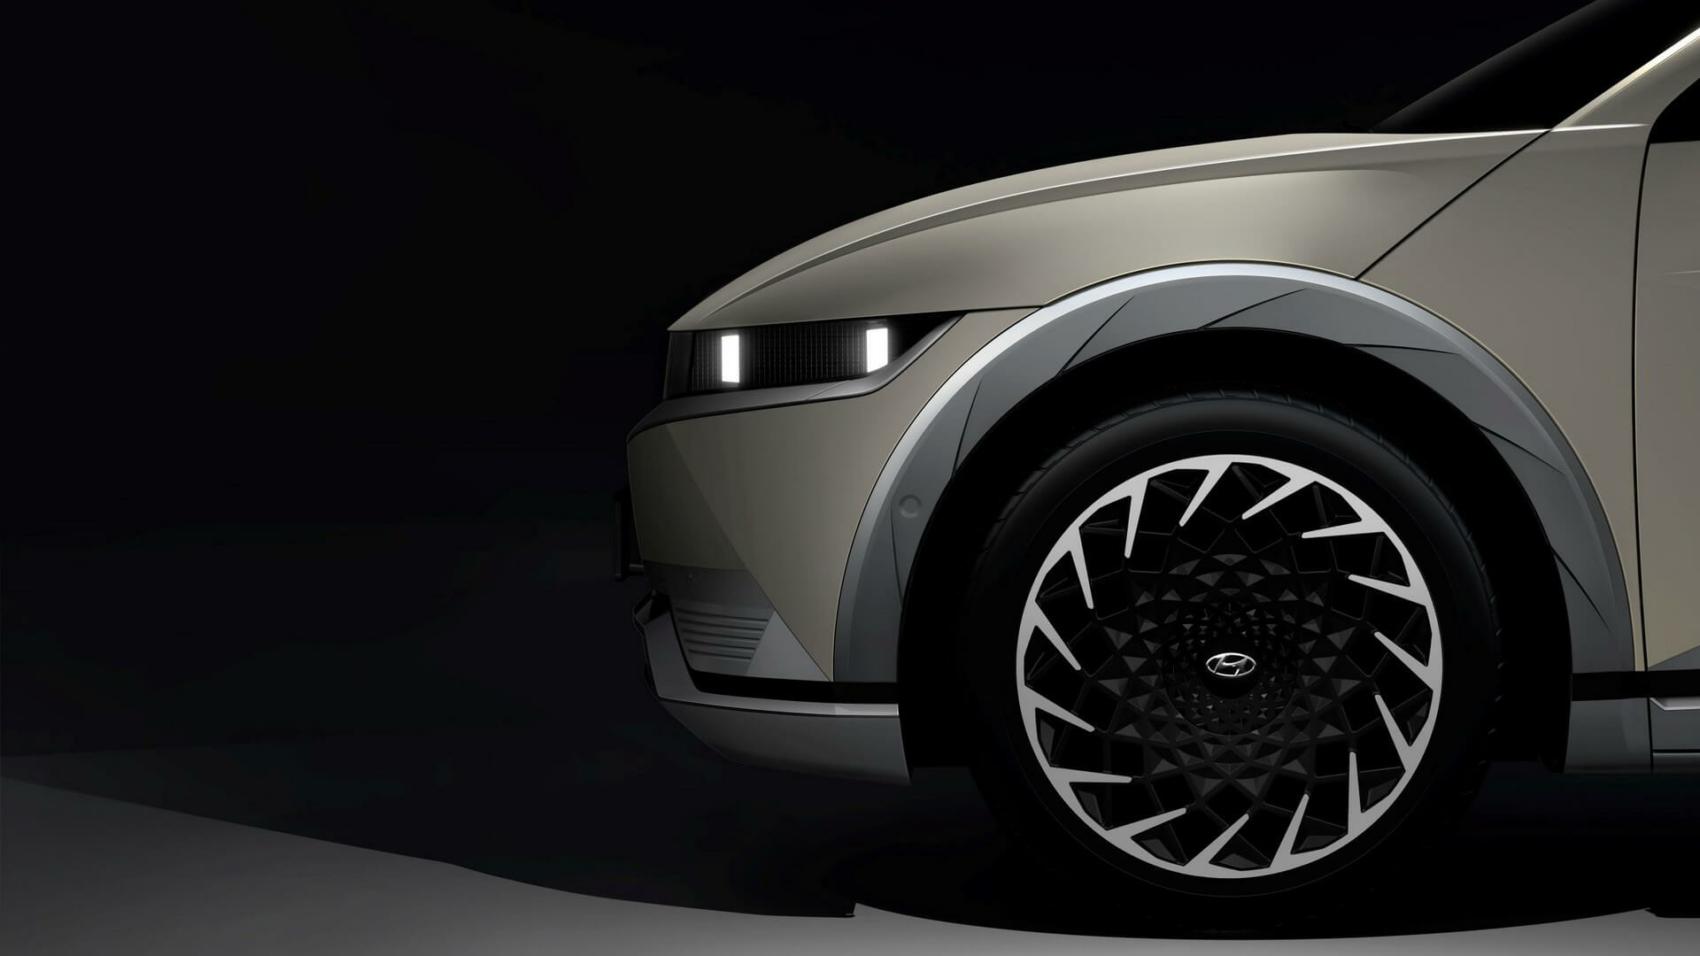 2022 Hyundai Ioniq 5 teaser